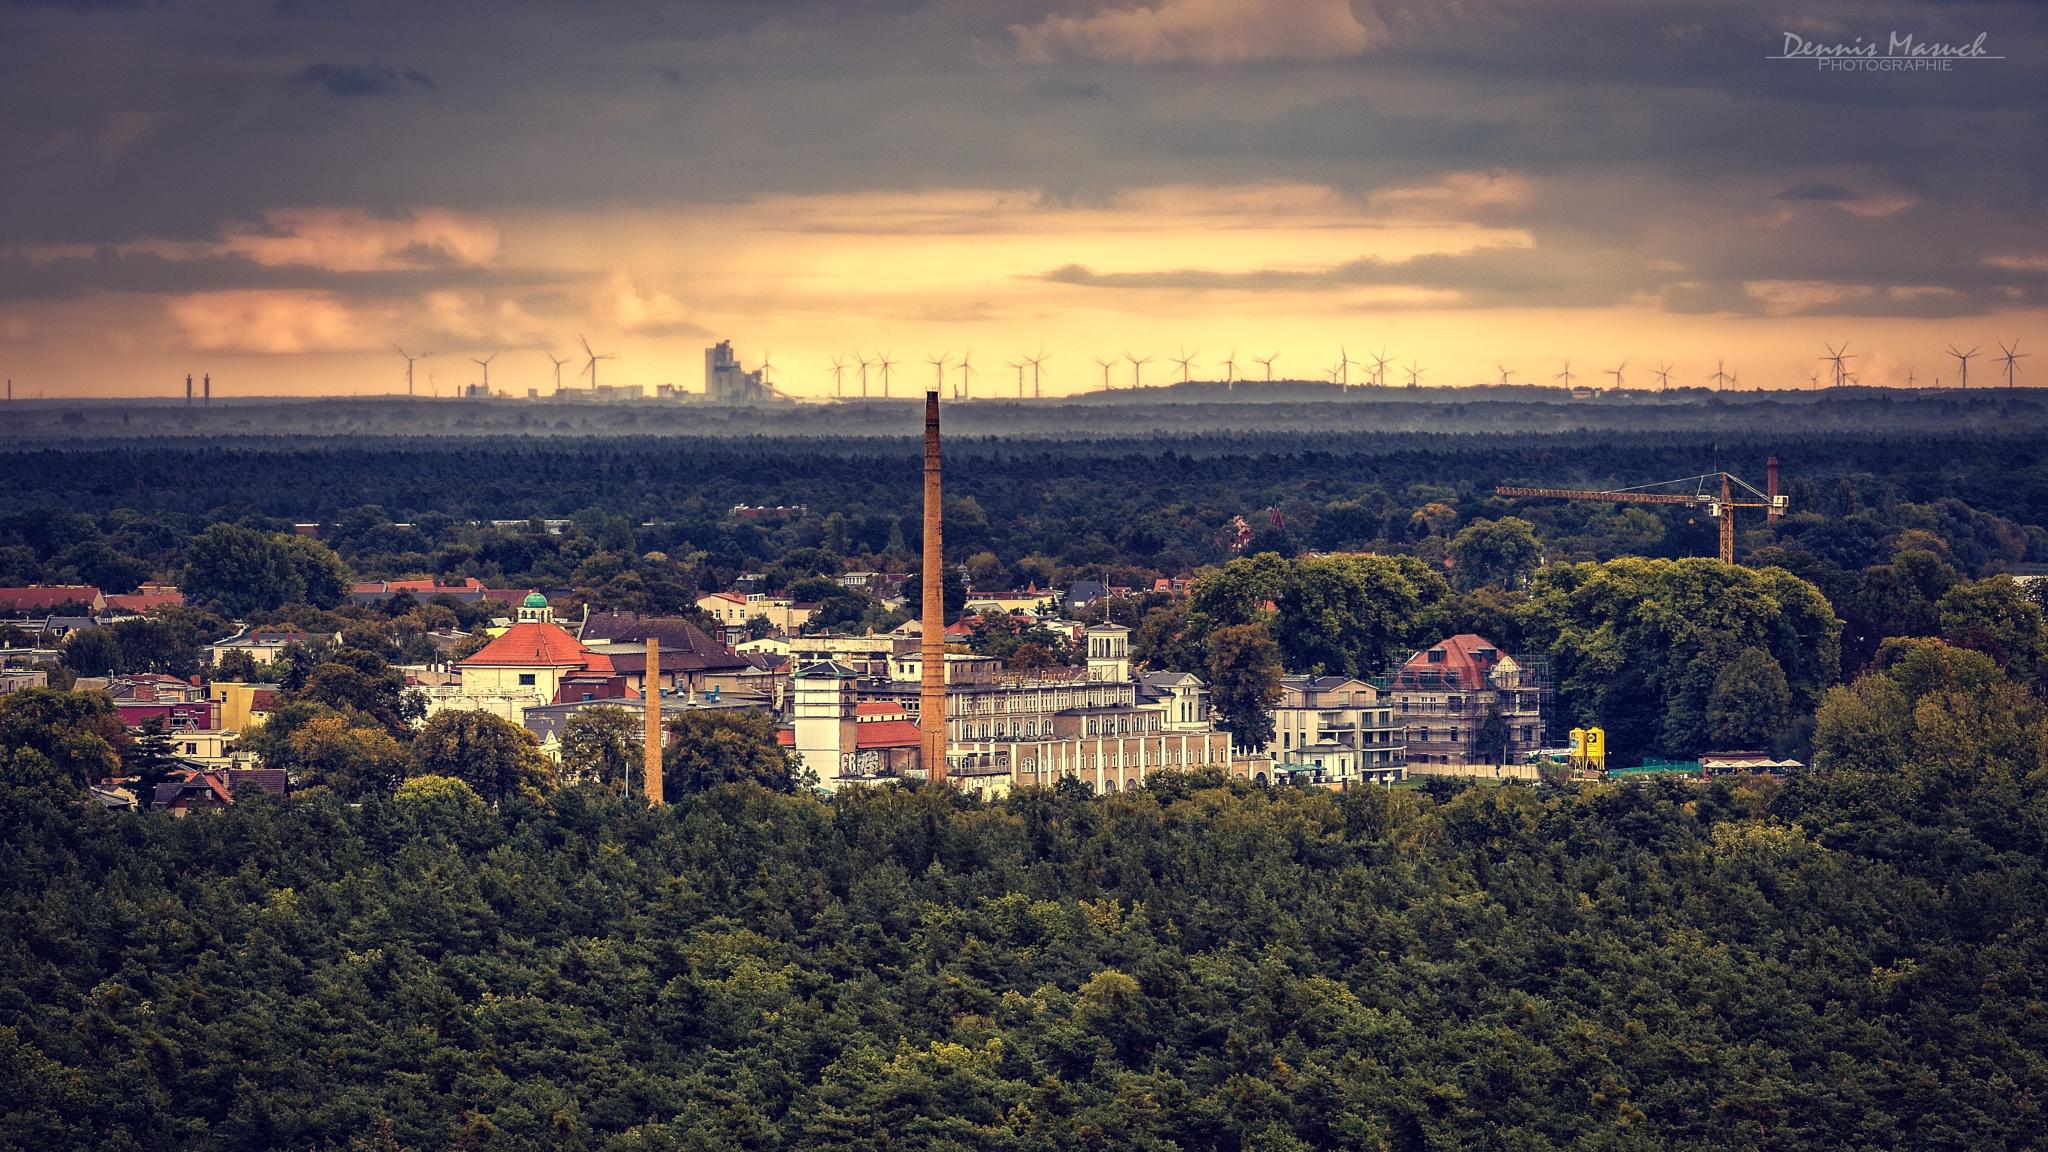 Windräder am Horizont von Friedrichshagen by Dennis Masuch